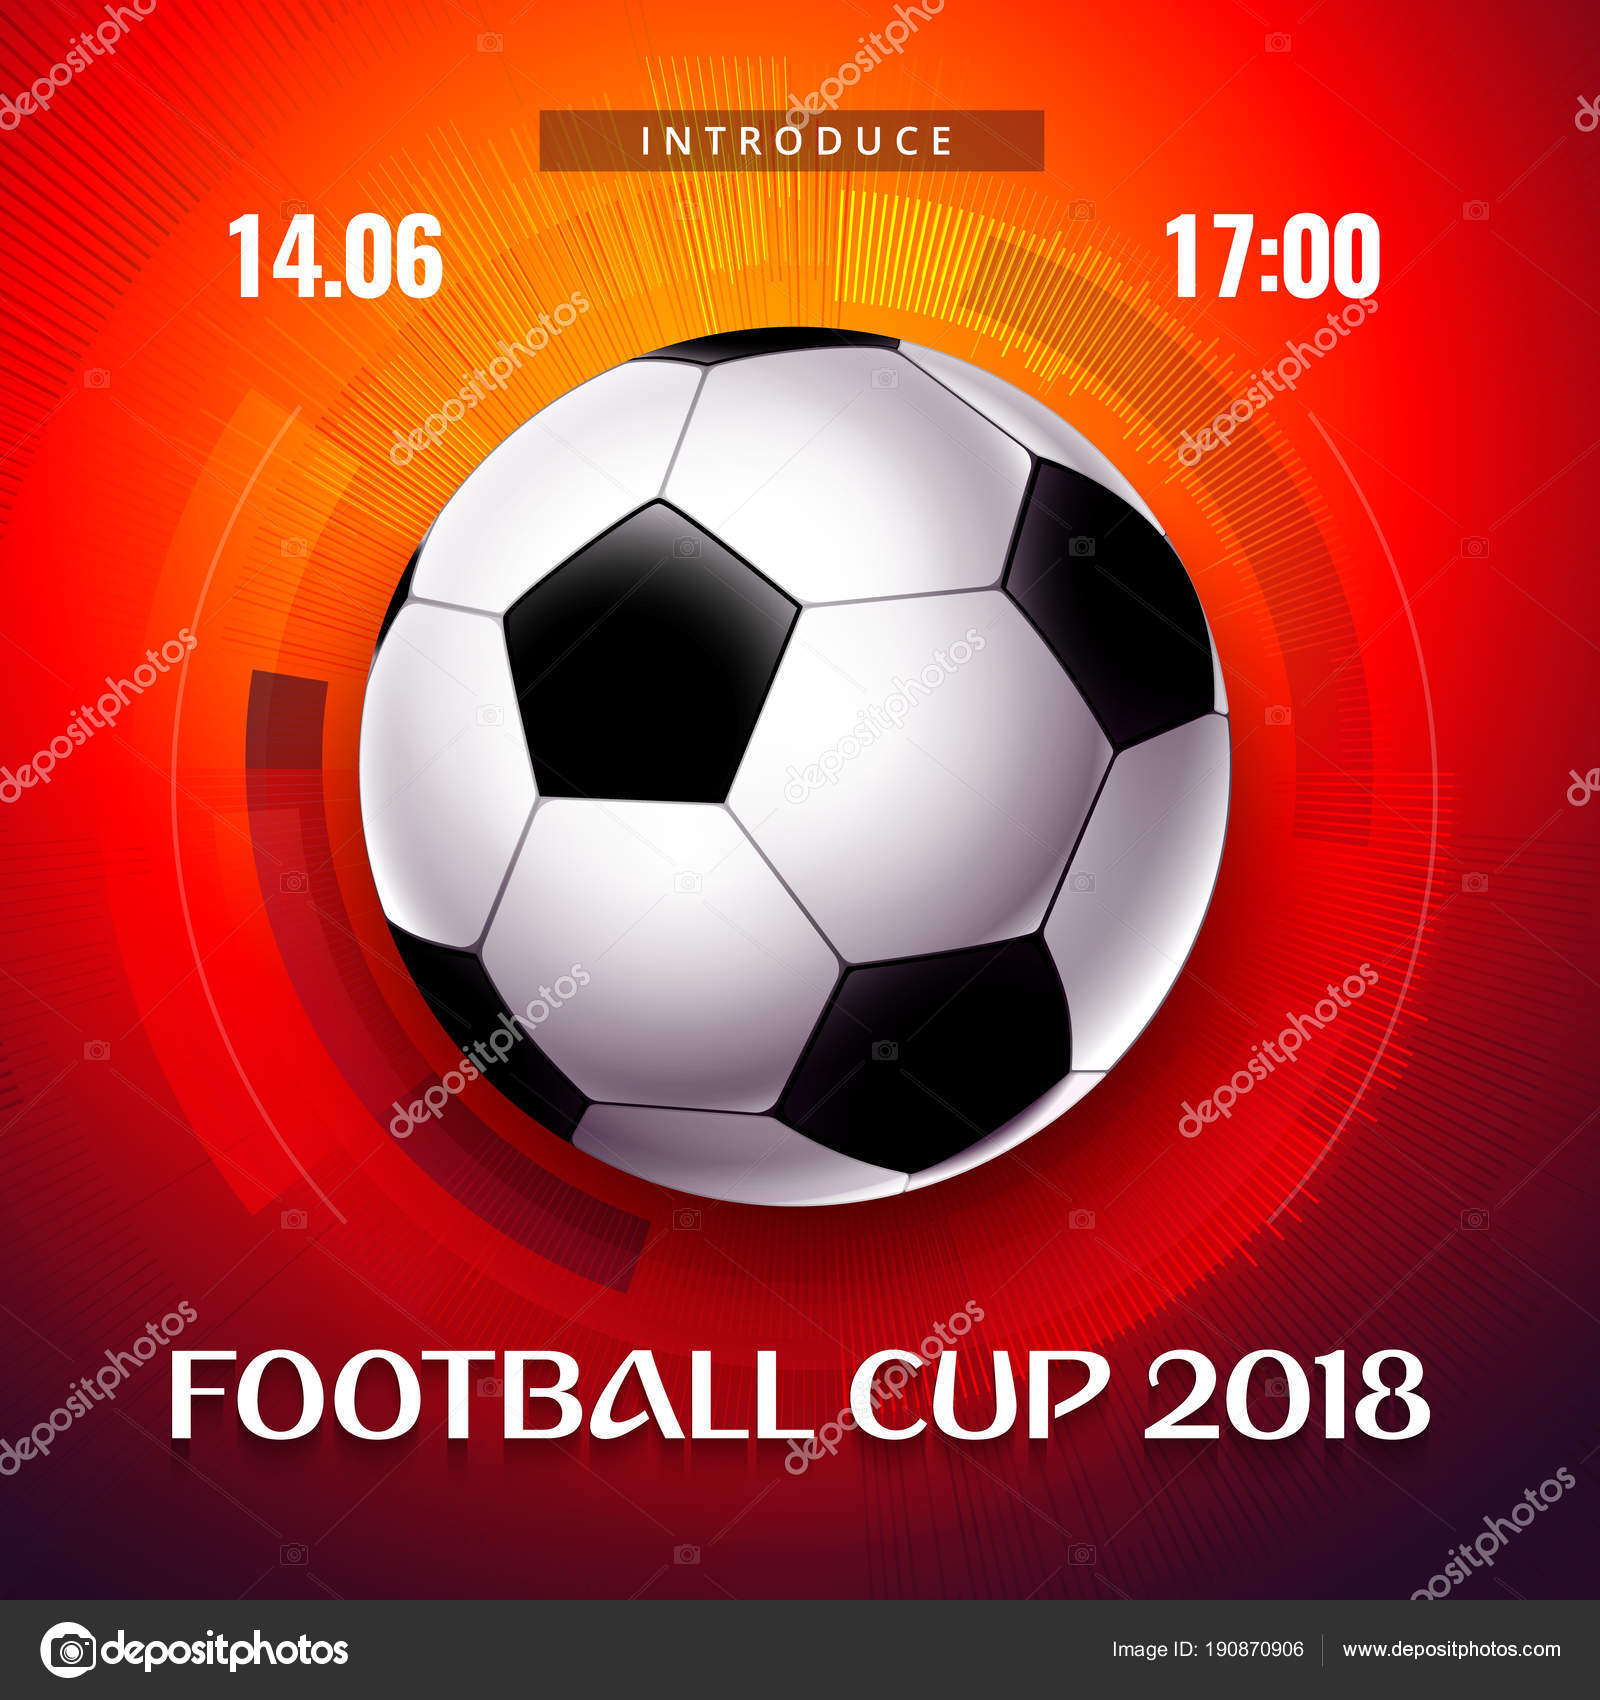 Tapete Mit Ball Fussball 2018 Schriftzug Und Rotem